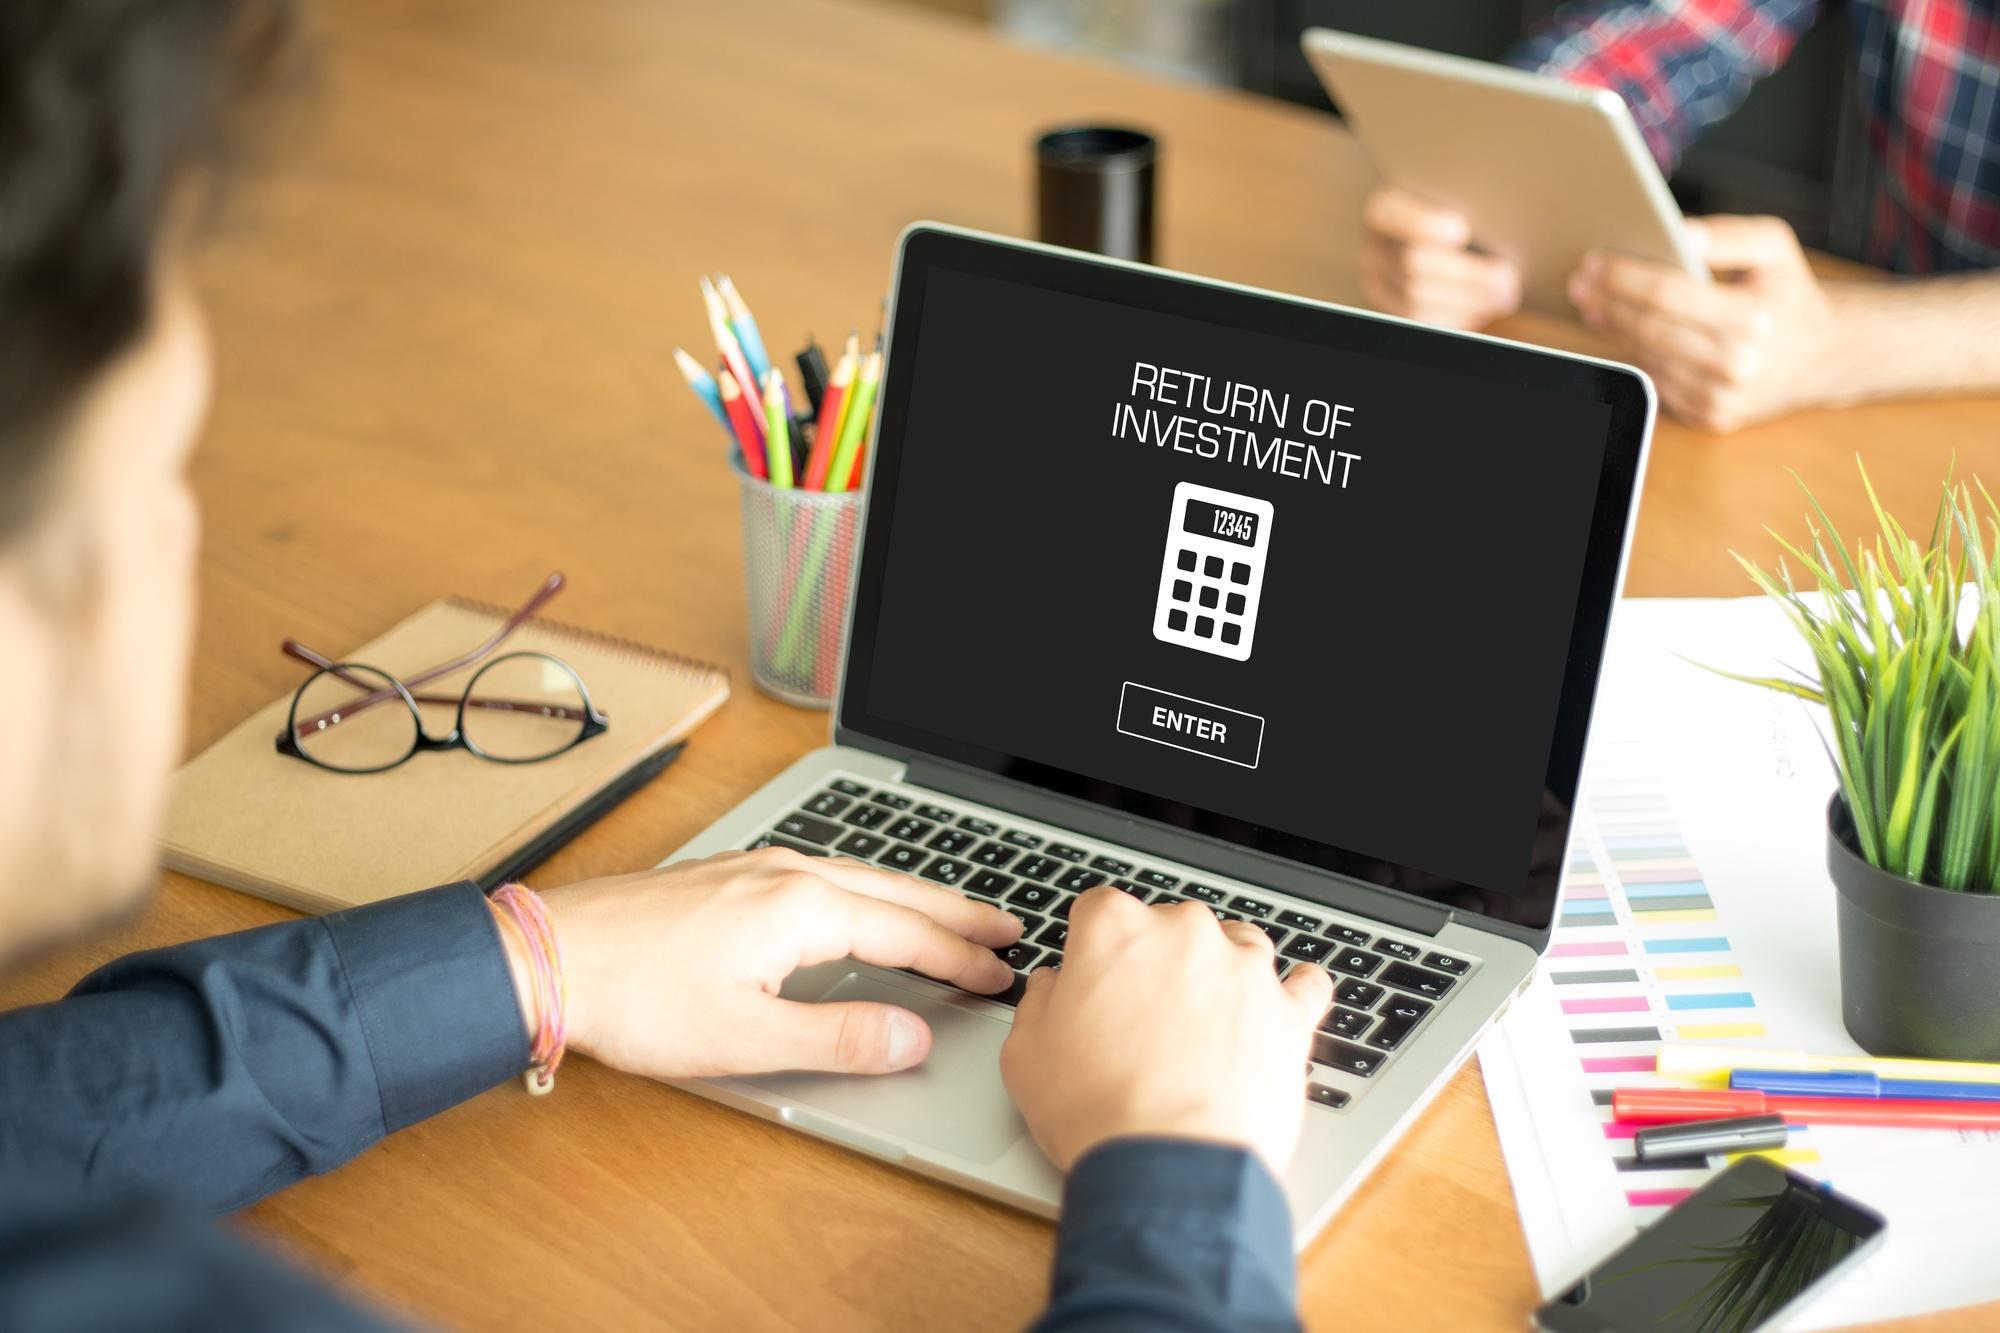 Como o data-driven marketing pode melhorar seu ROI